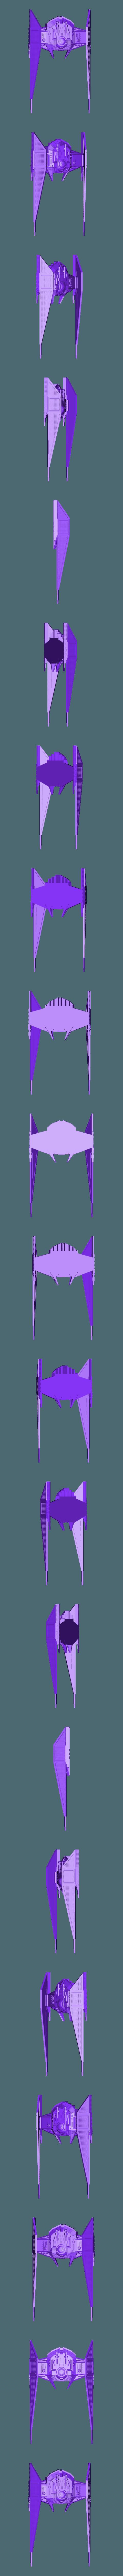 Corps.stl Télécharger fichier STL gratuit Kylo Ren Tie fighter • Objet à imprimer en 3D, Zekazz